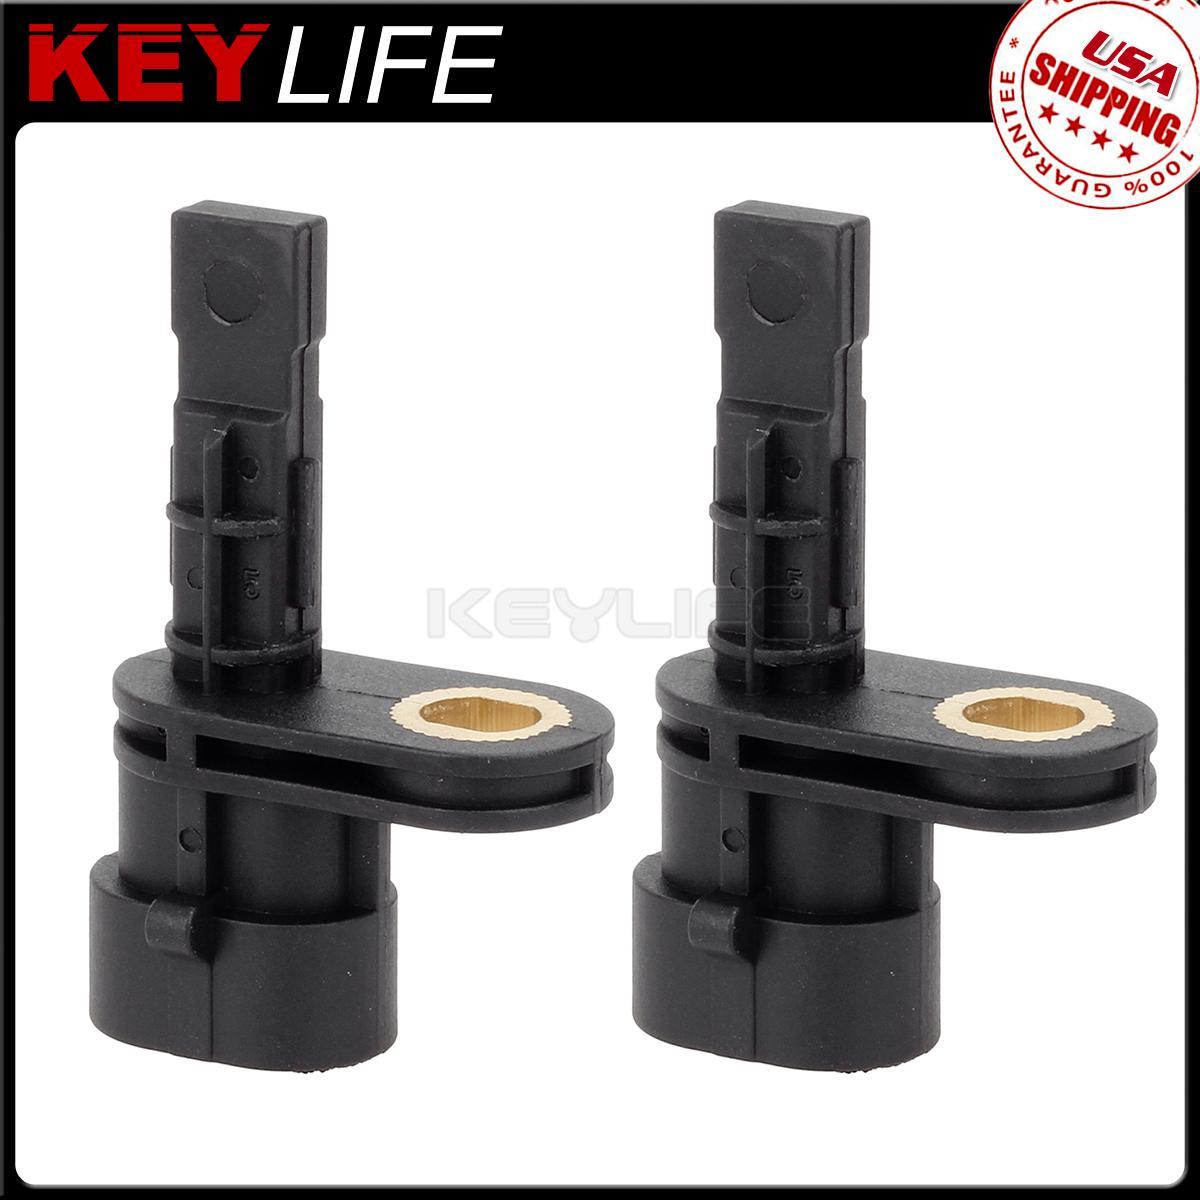 2x For 2008 2009 Pontiac G8 3 6l 6 0l 6 2l Abs Wheel Speed Sensor Rear Ebay